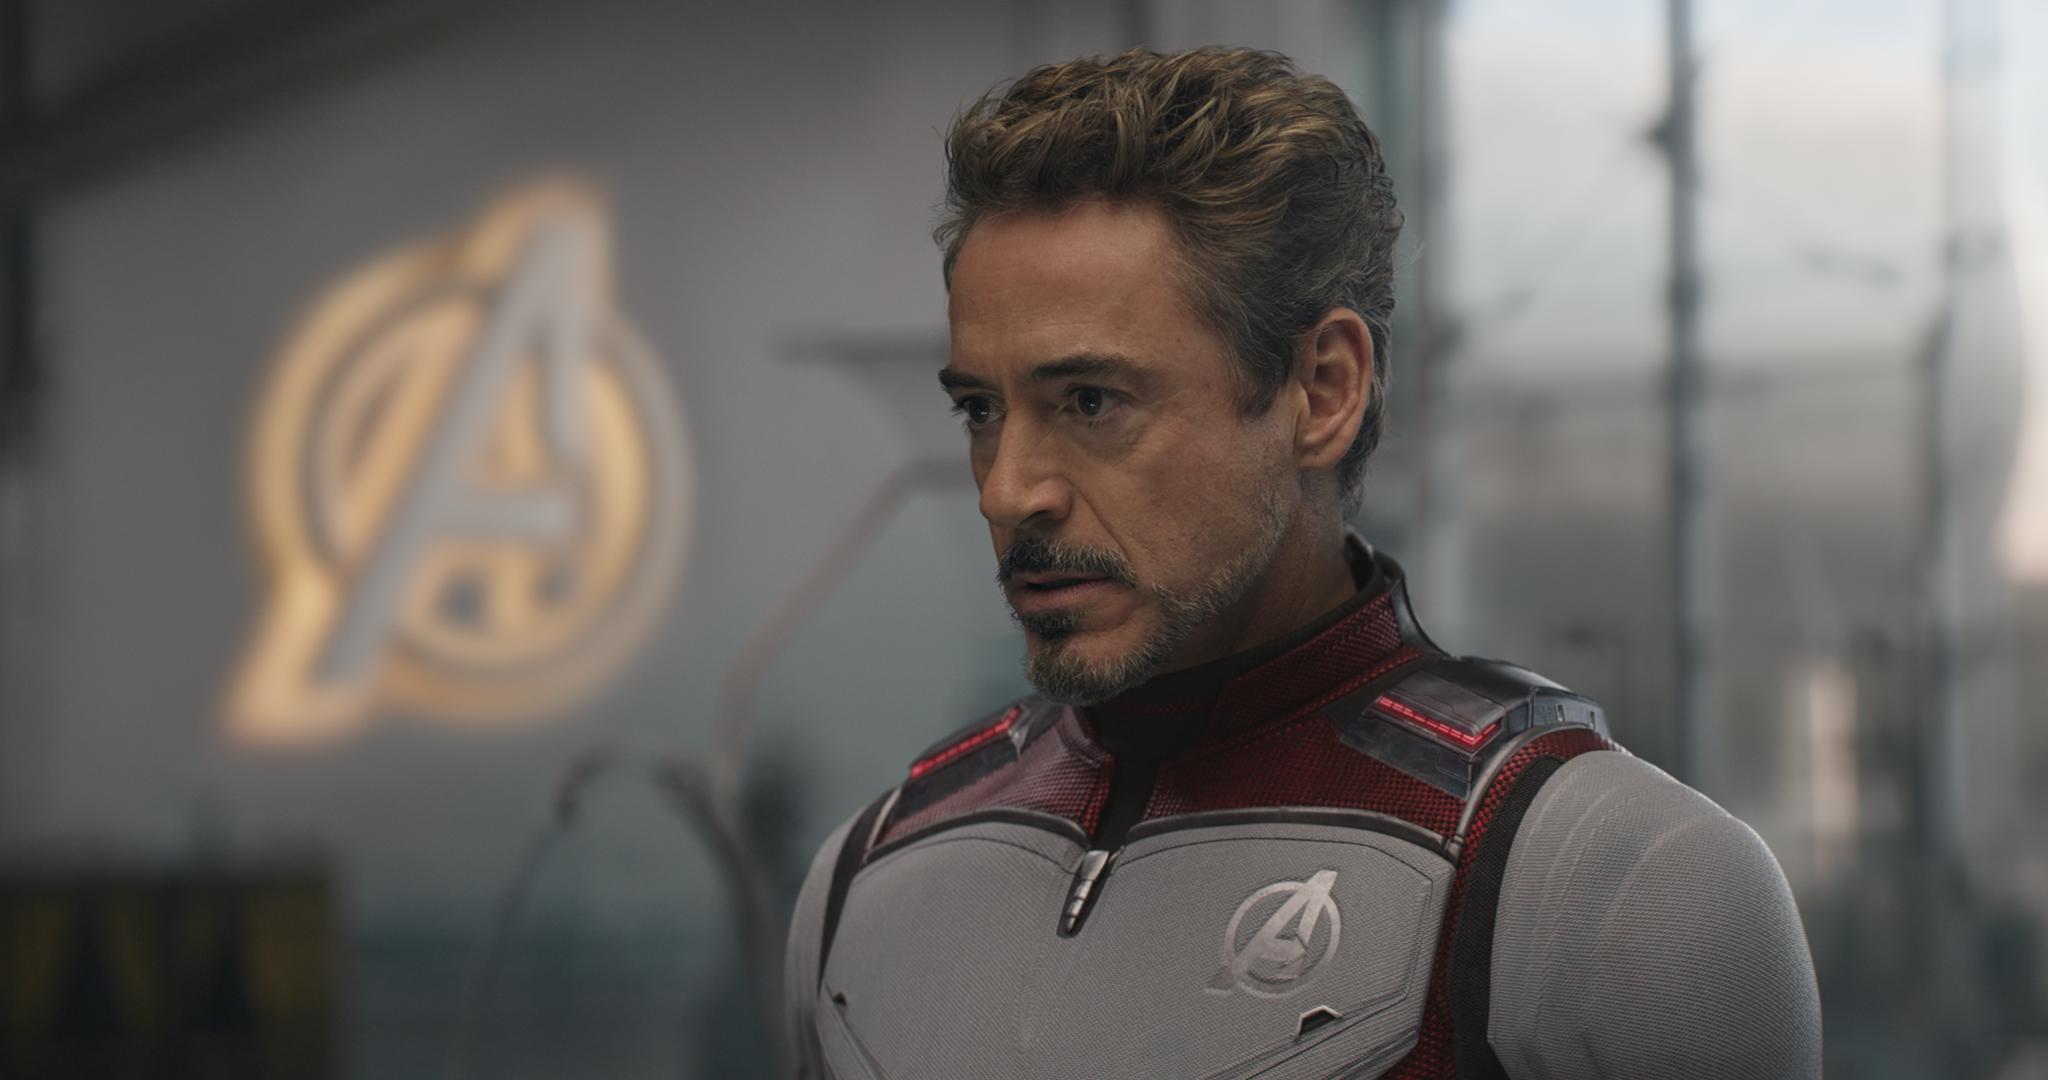 Tony Stark/Iron Man (Robert Downey Jr.) in Avengers: Endgame